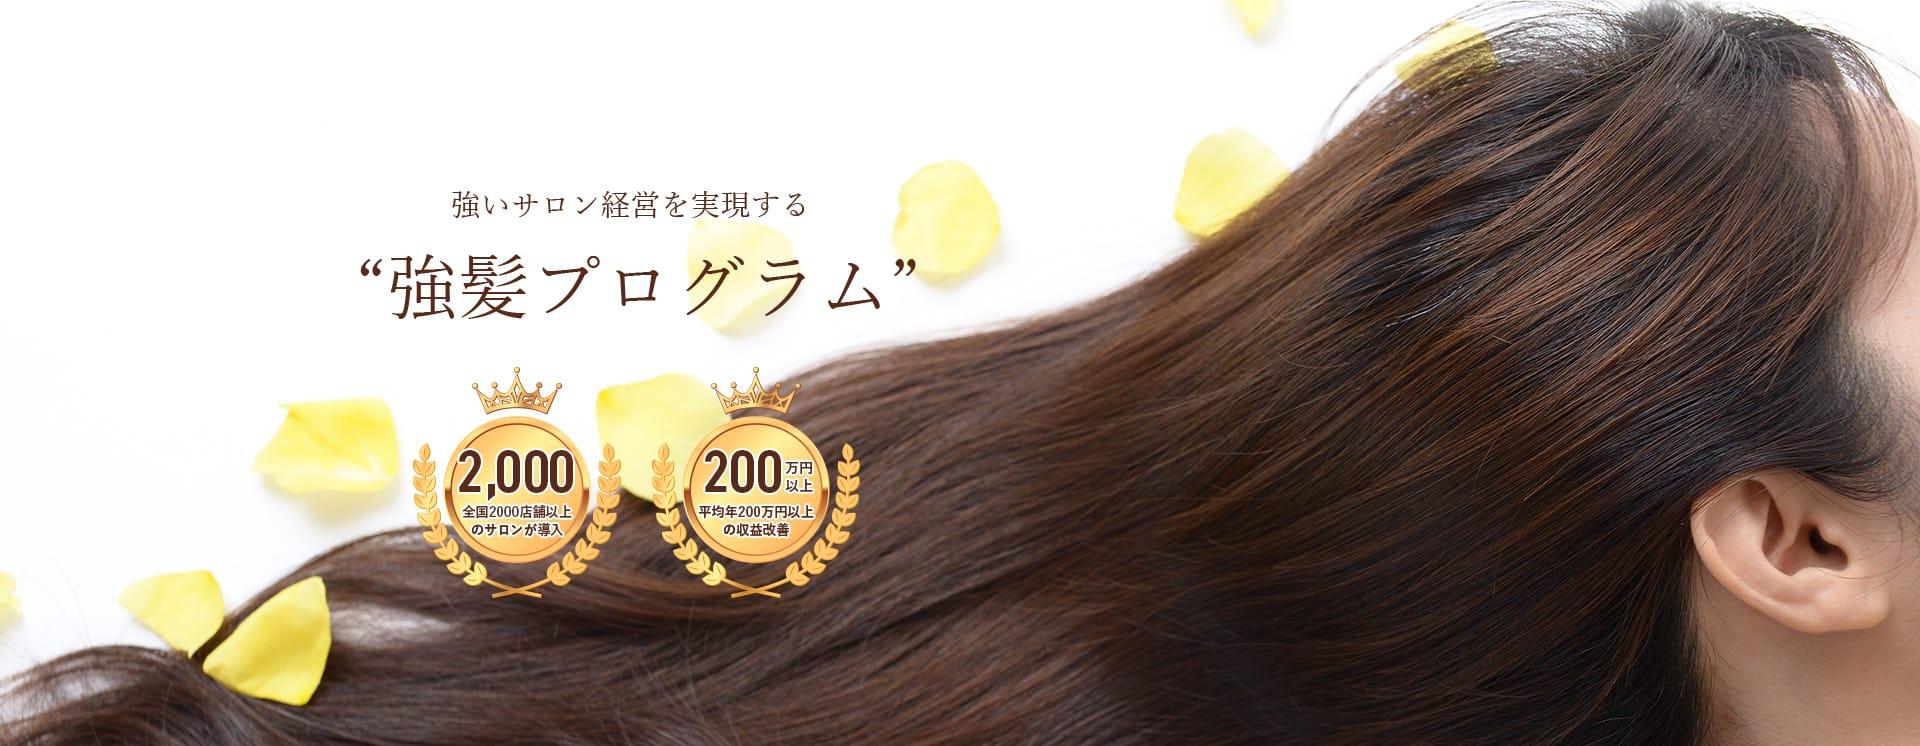 強いサロン経営を実現する「強髪プログラム」 全国1500店舗以上のサロンが導入 年間平均200万円以上の収益改善